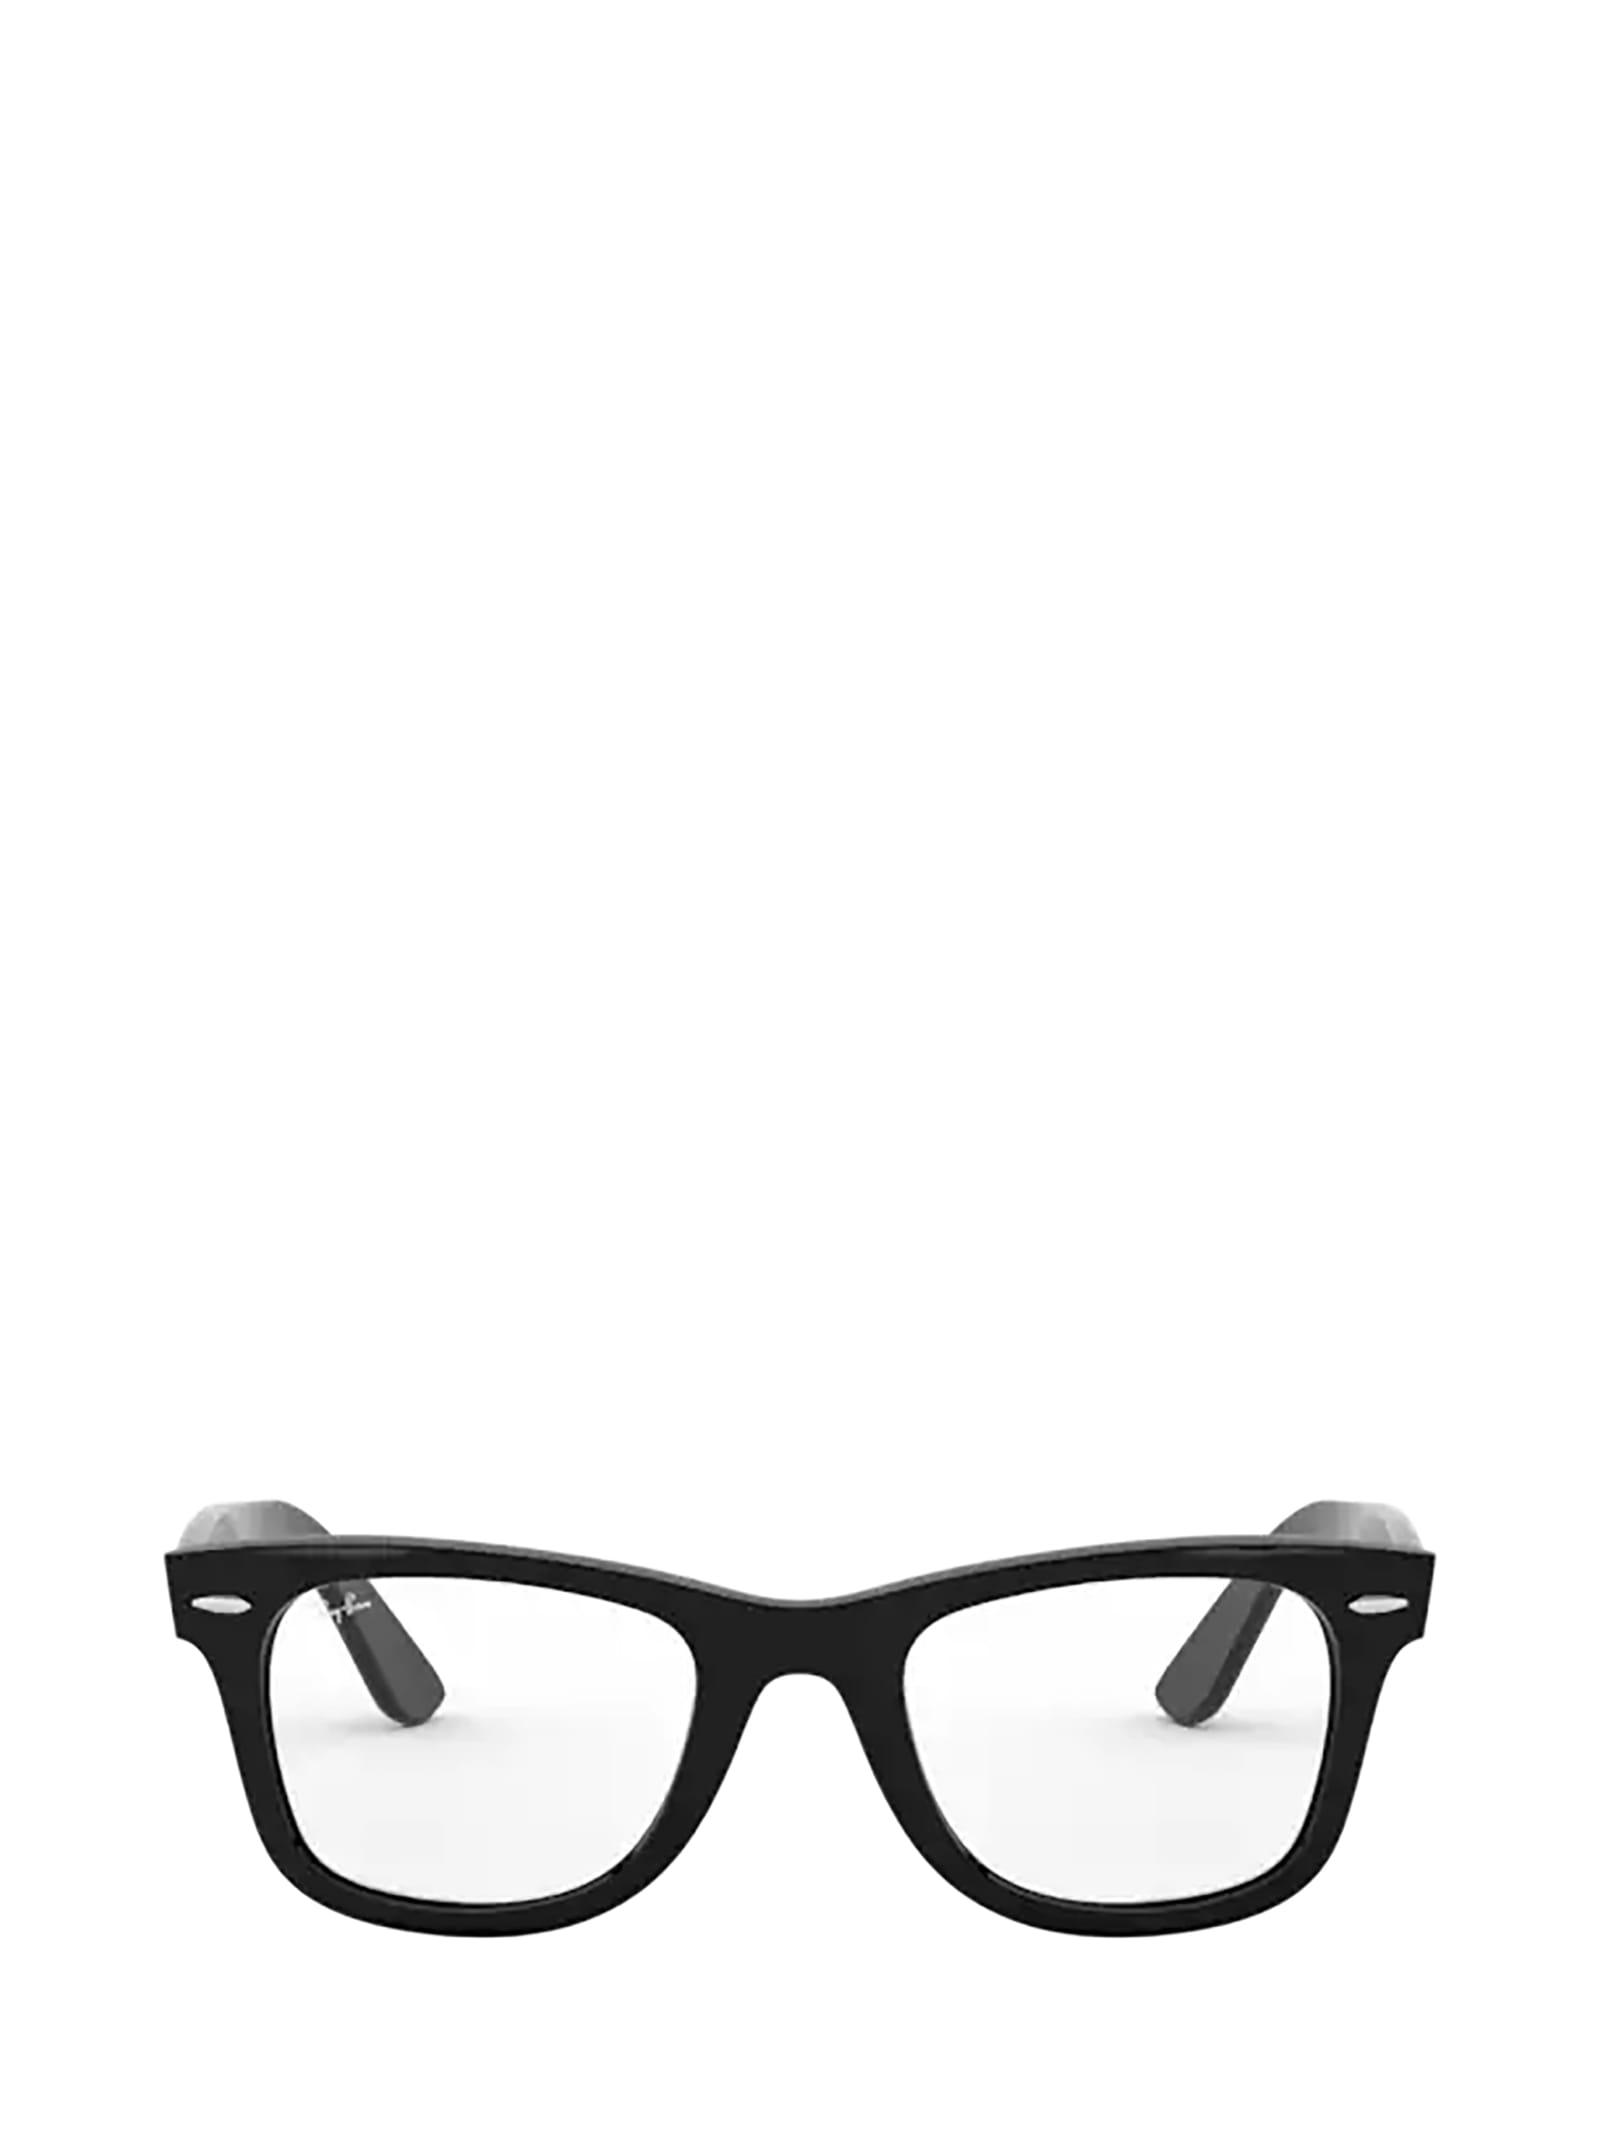 Ray-Ban Ray-ban Rx4340v Black Glasses